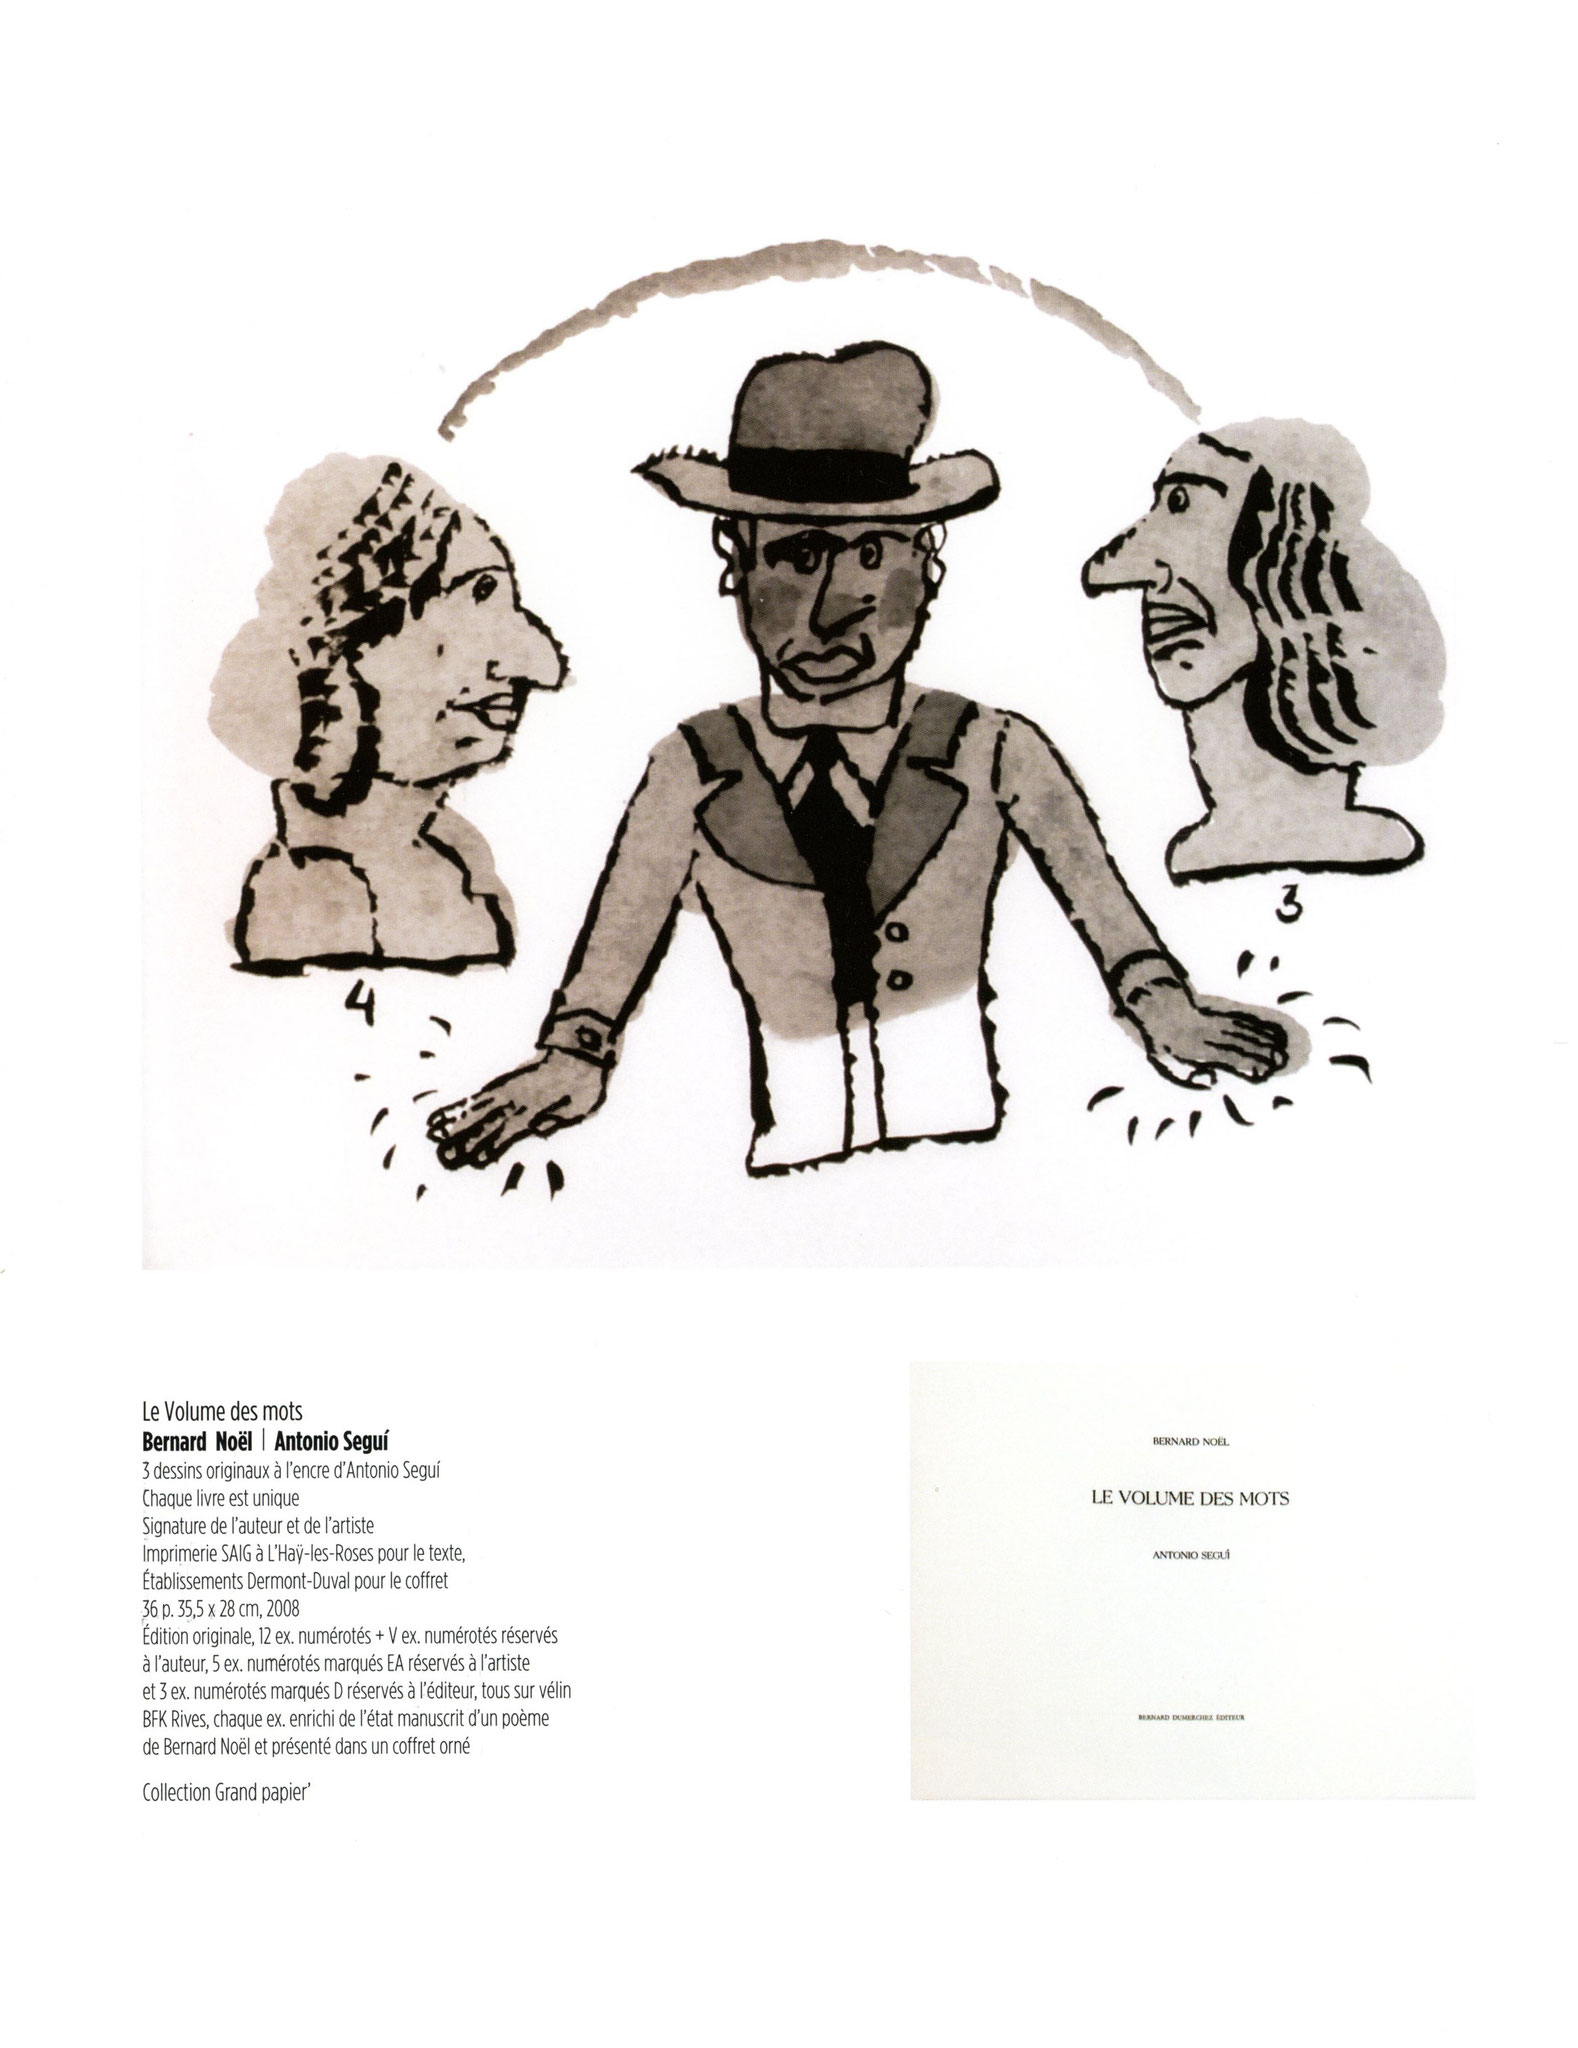 Le Volume des mots - Bernard Noël / Antonio Seguí